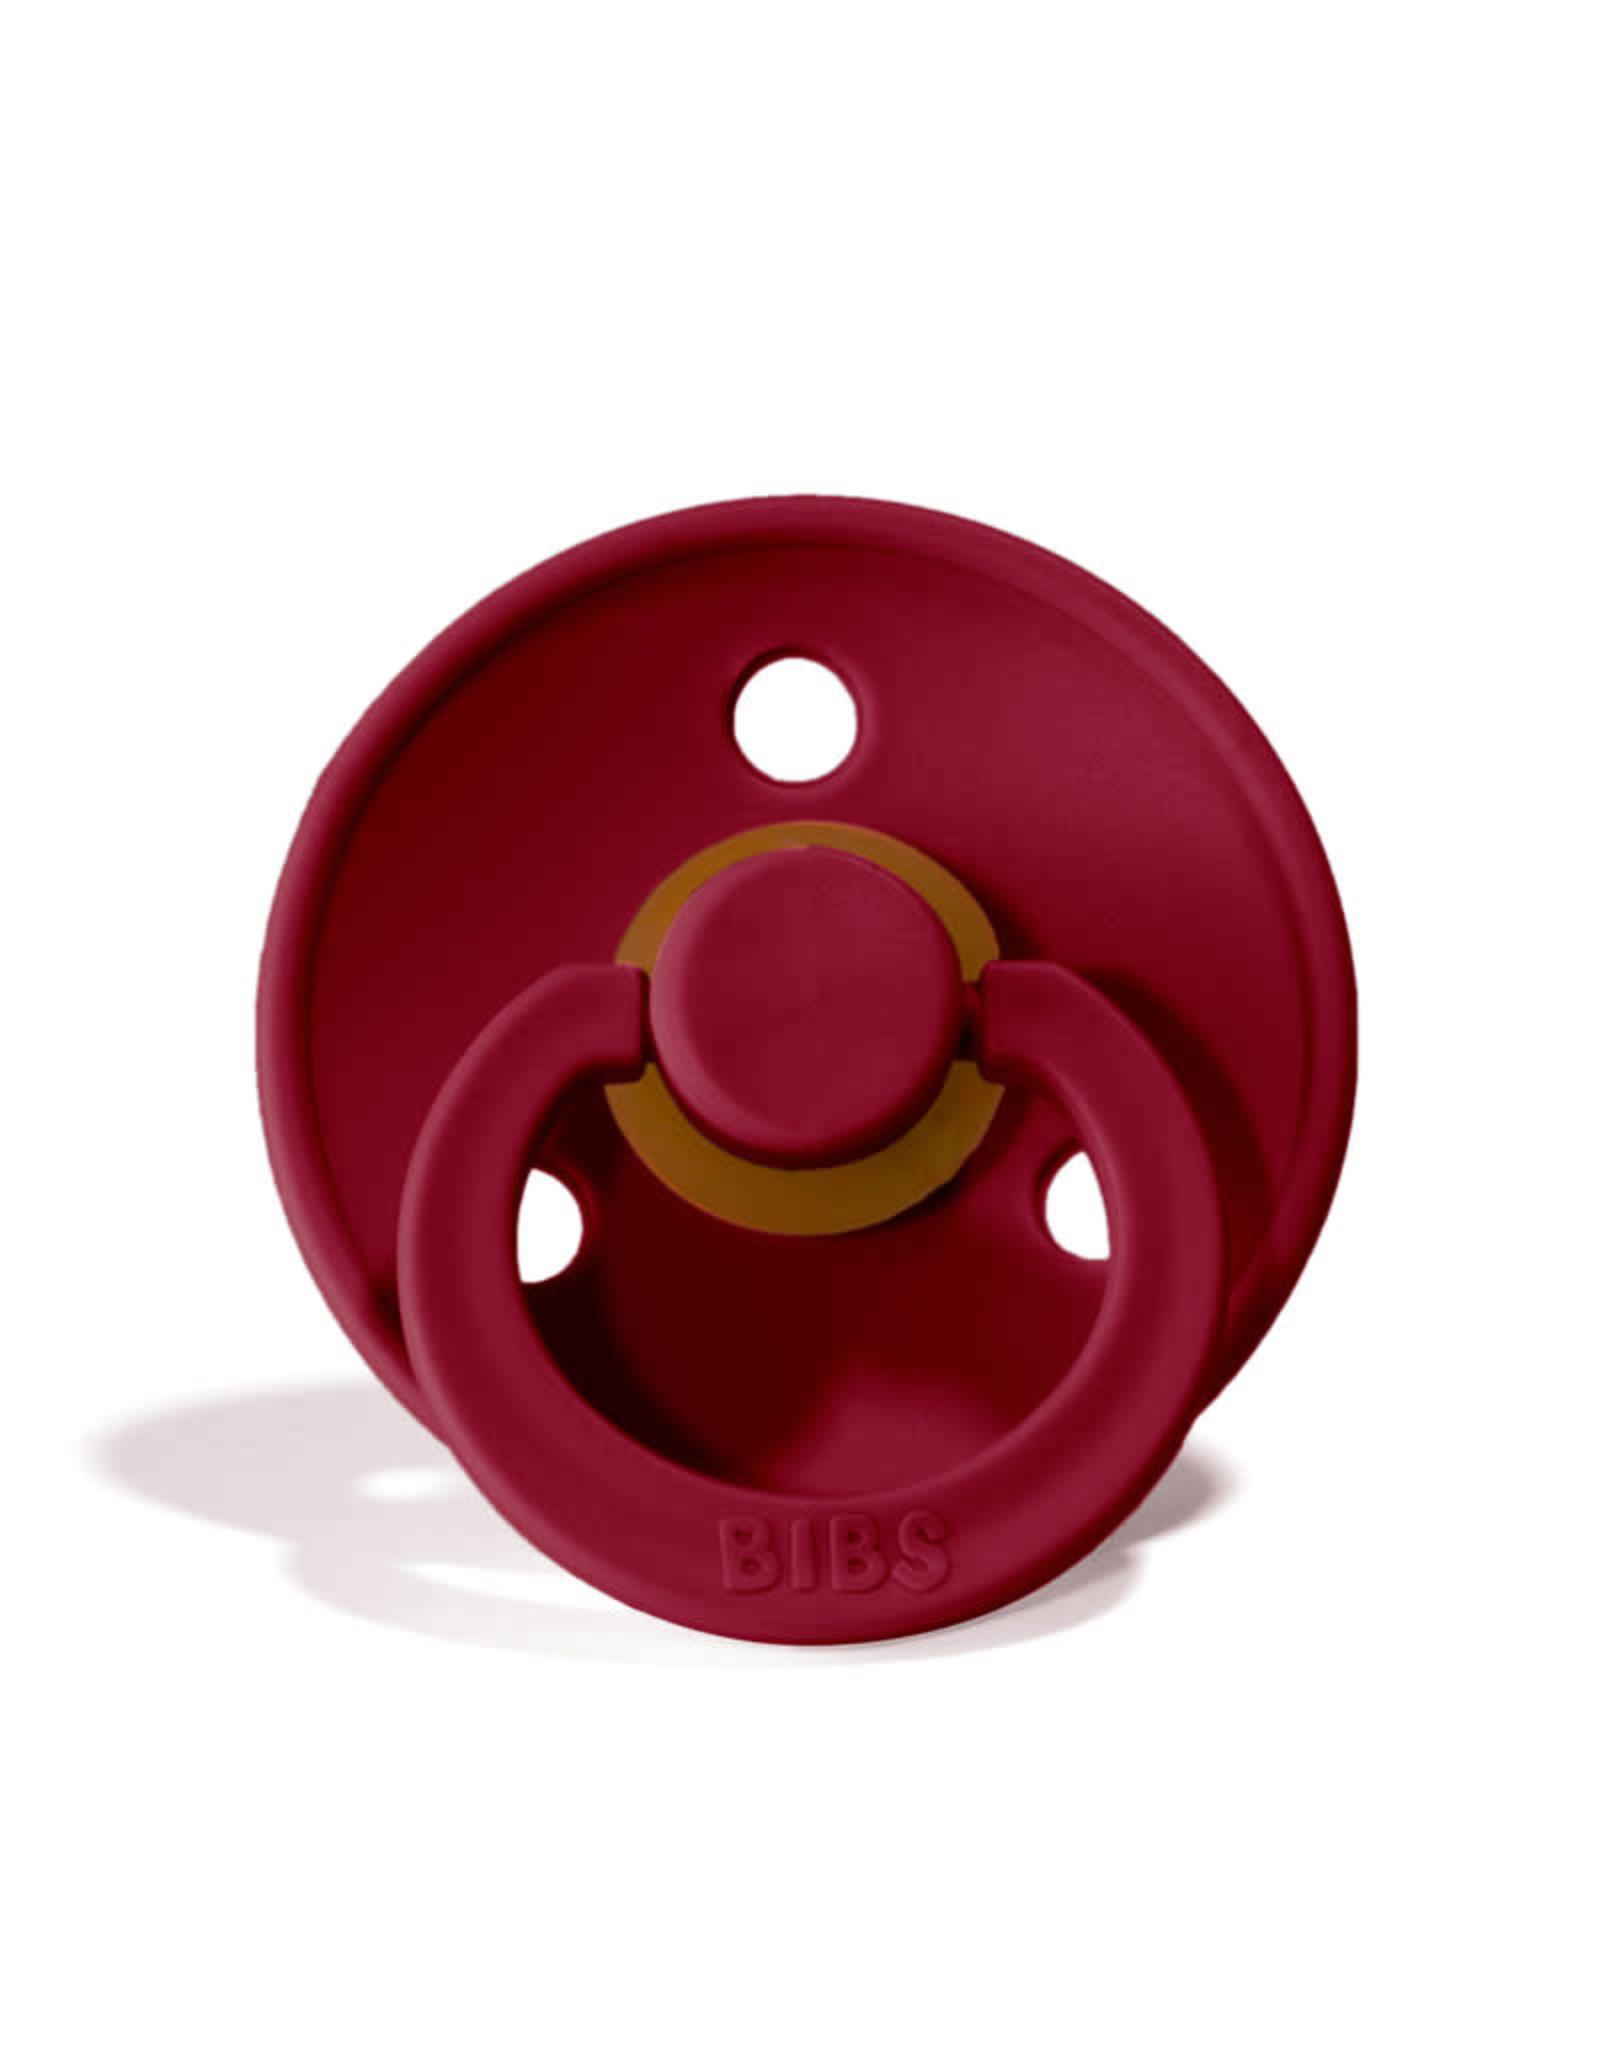 Bibs Fopspeen Ruby maat 2